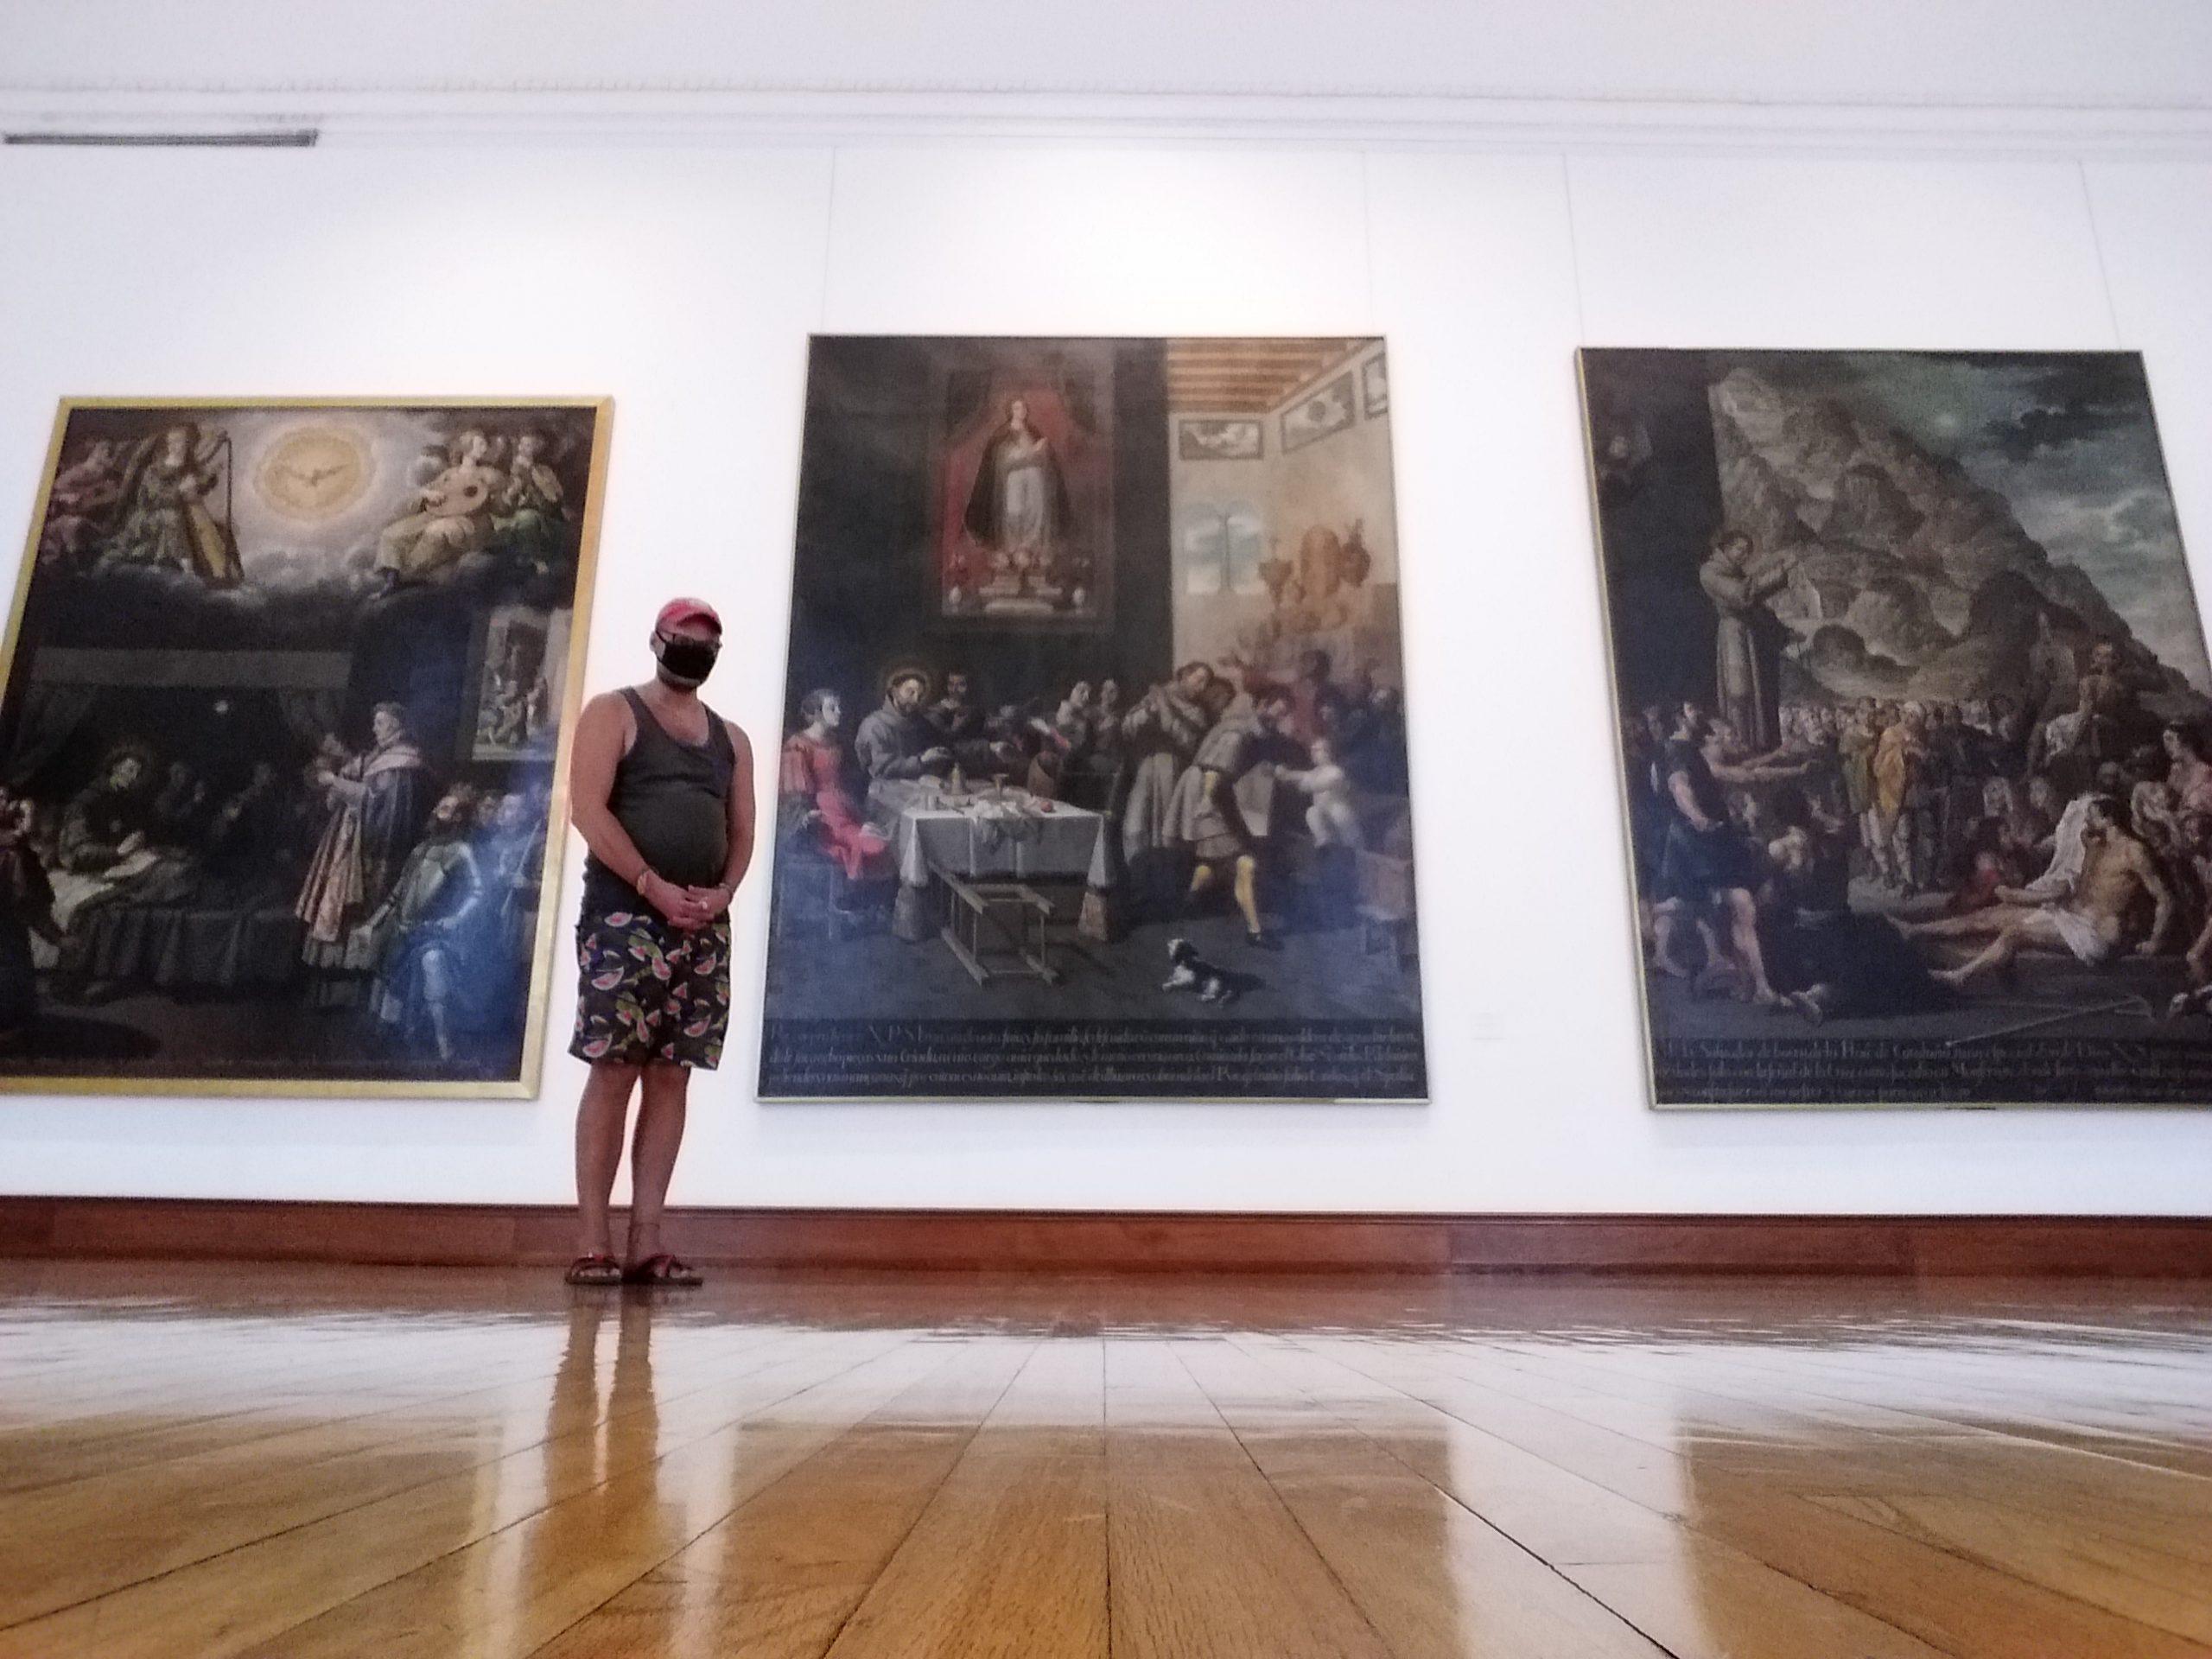 Musée national art